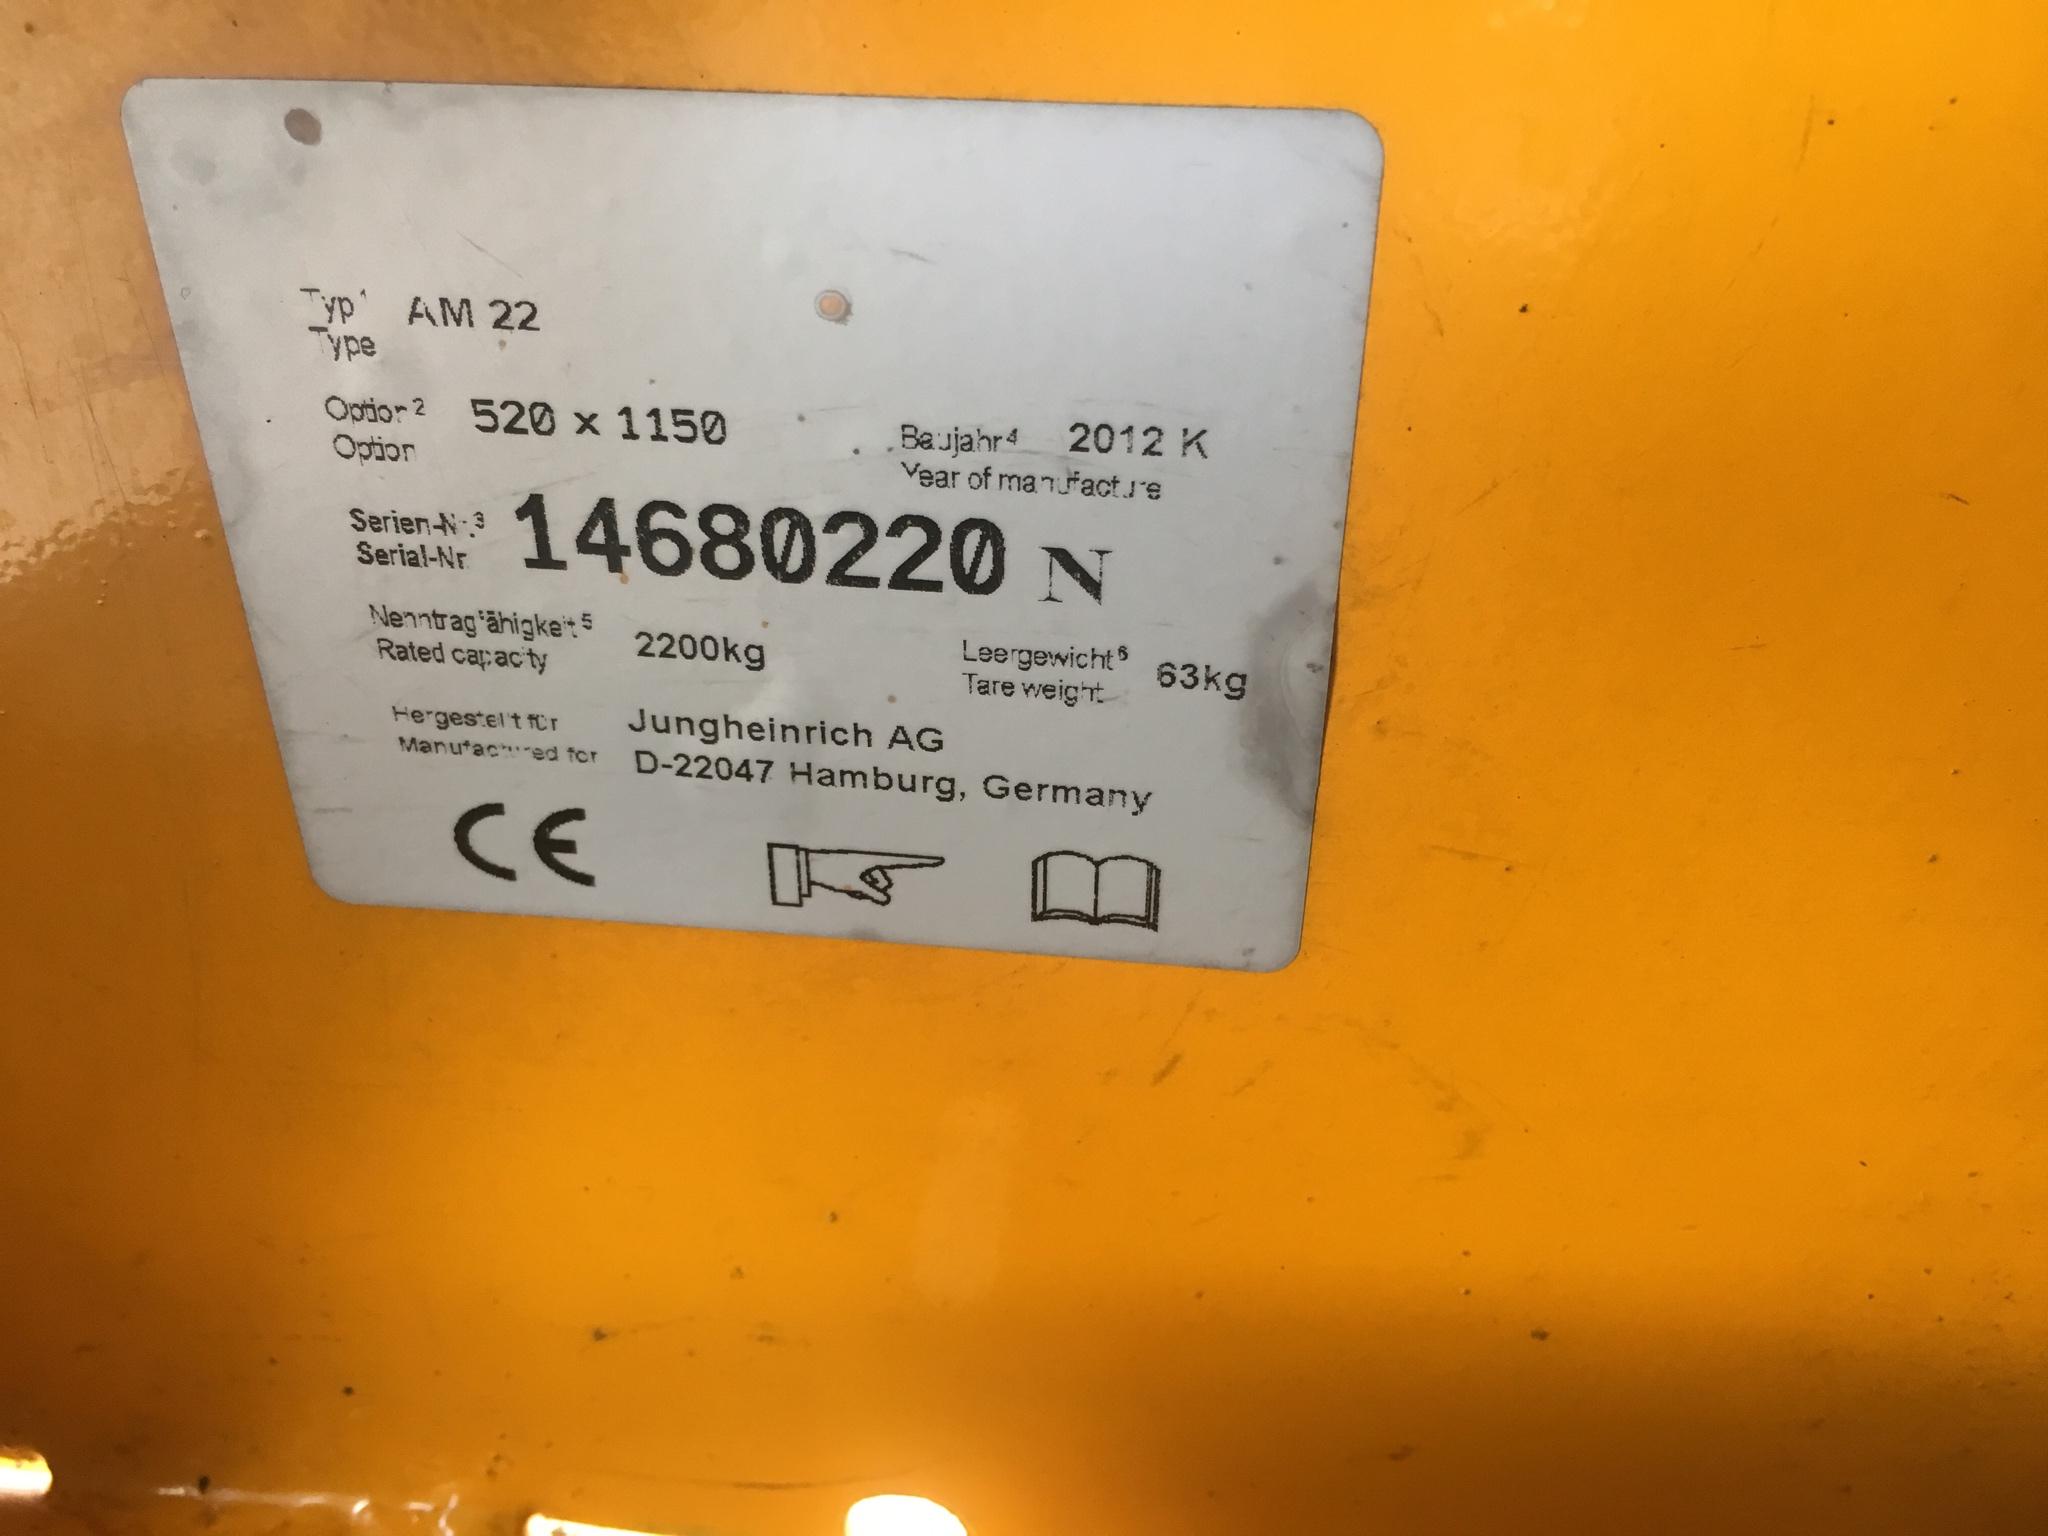 Xe Jungheinrich 2200kg